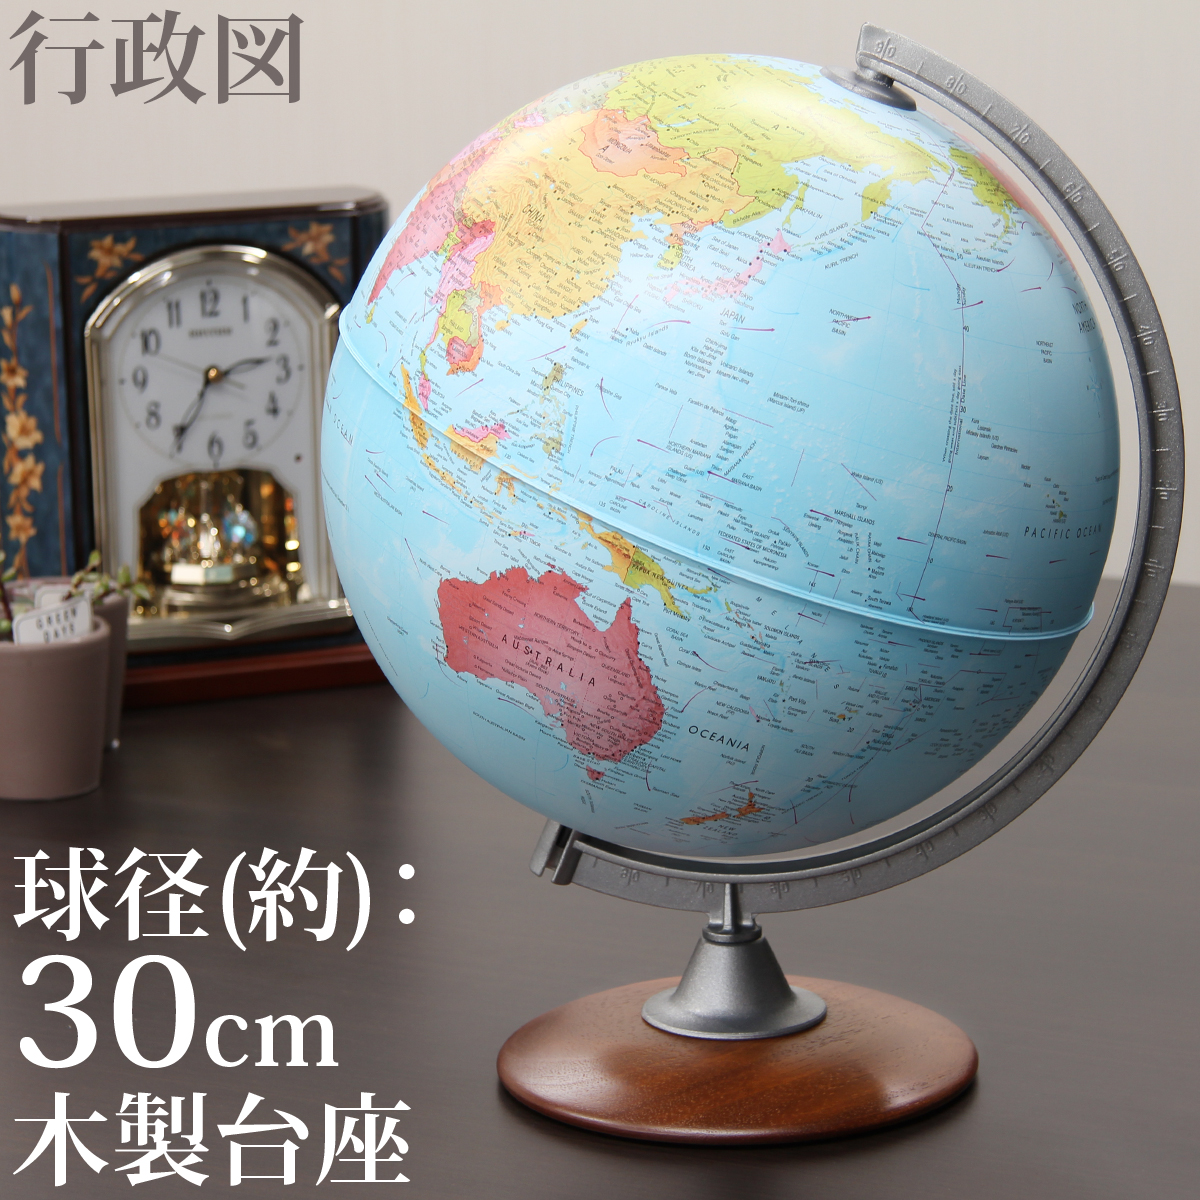 地球儀 子供用 学習 インテリア 入学祝い 小学校 カラーラ30 行政図 球径30cm イタリア製